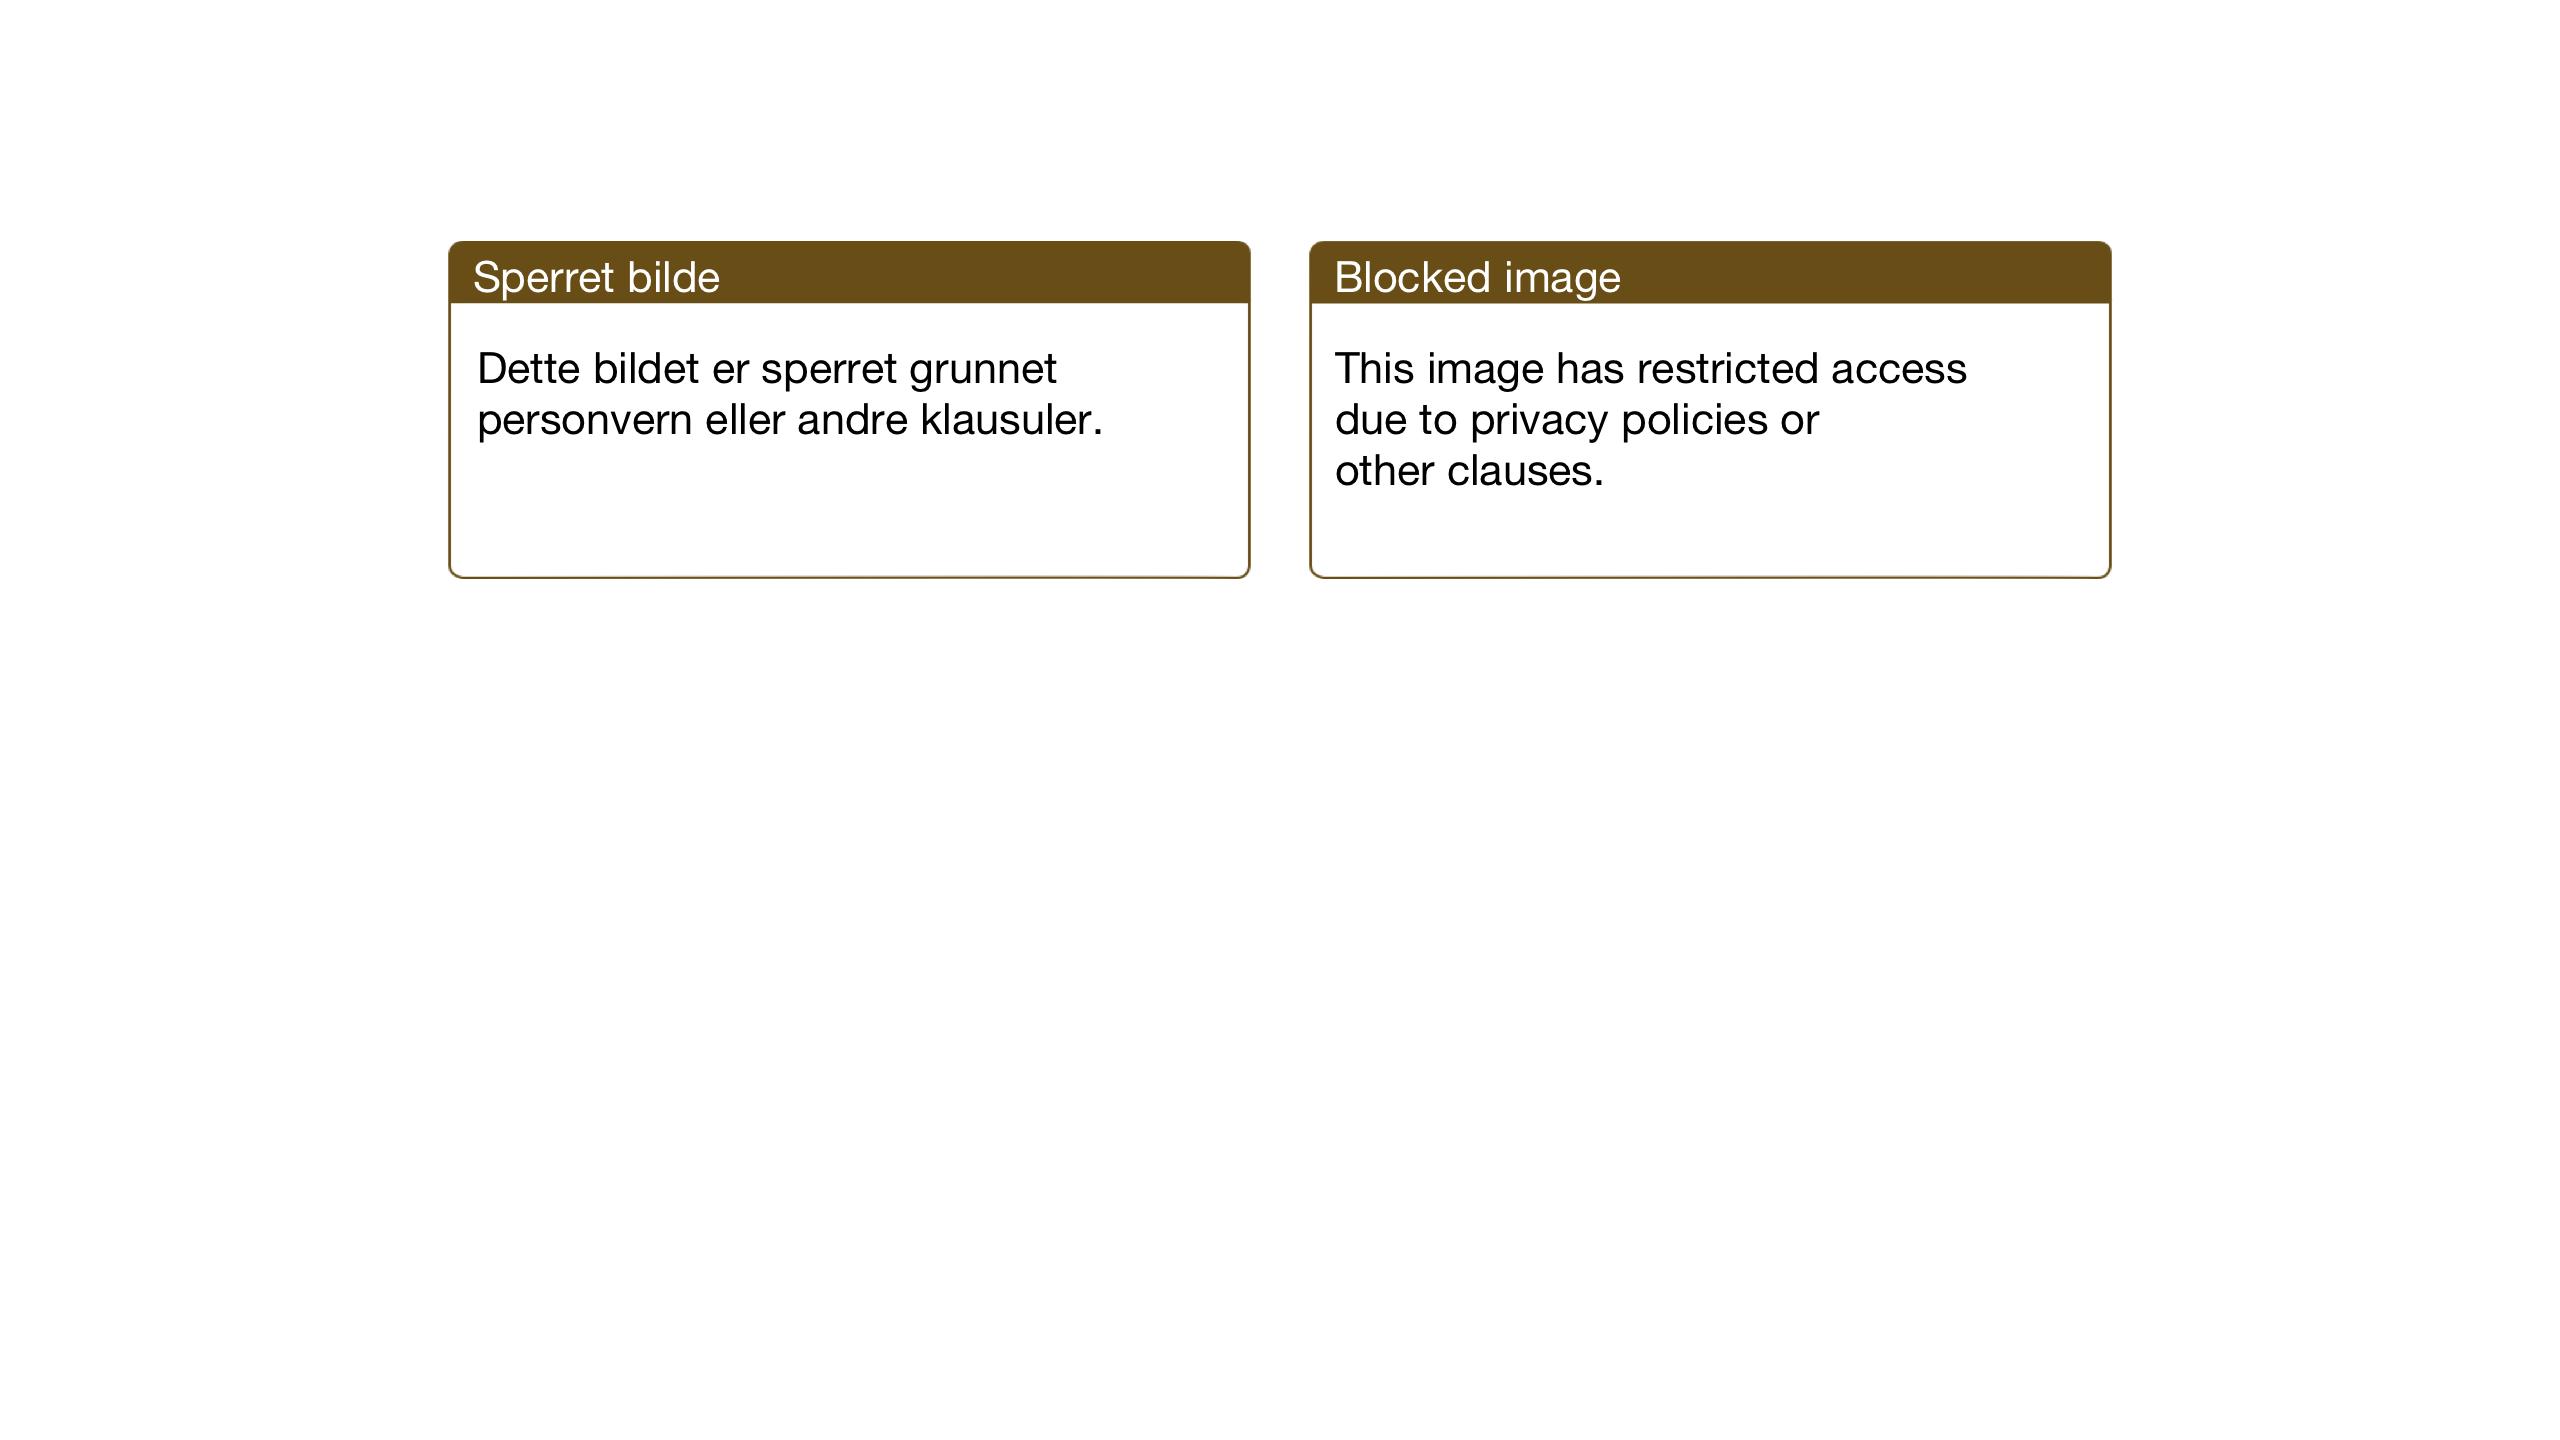 SAT, Ministerialprotokoller, klokkerbøker og fødselsregistre - Sør-Trøndelag, 698/L1169: Klokkerbok nr. 698C06, 1930-1949, s. 140